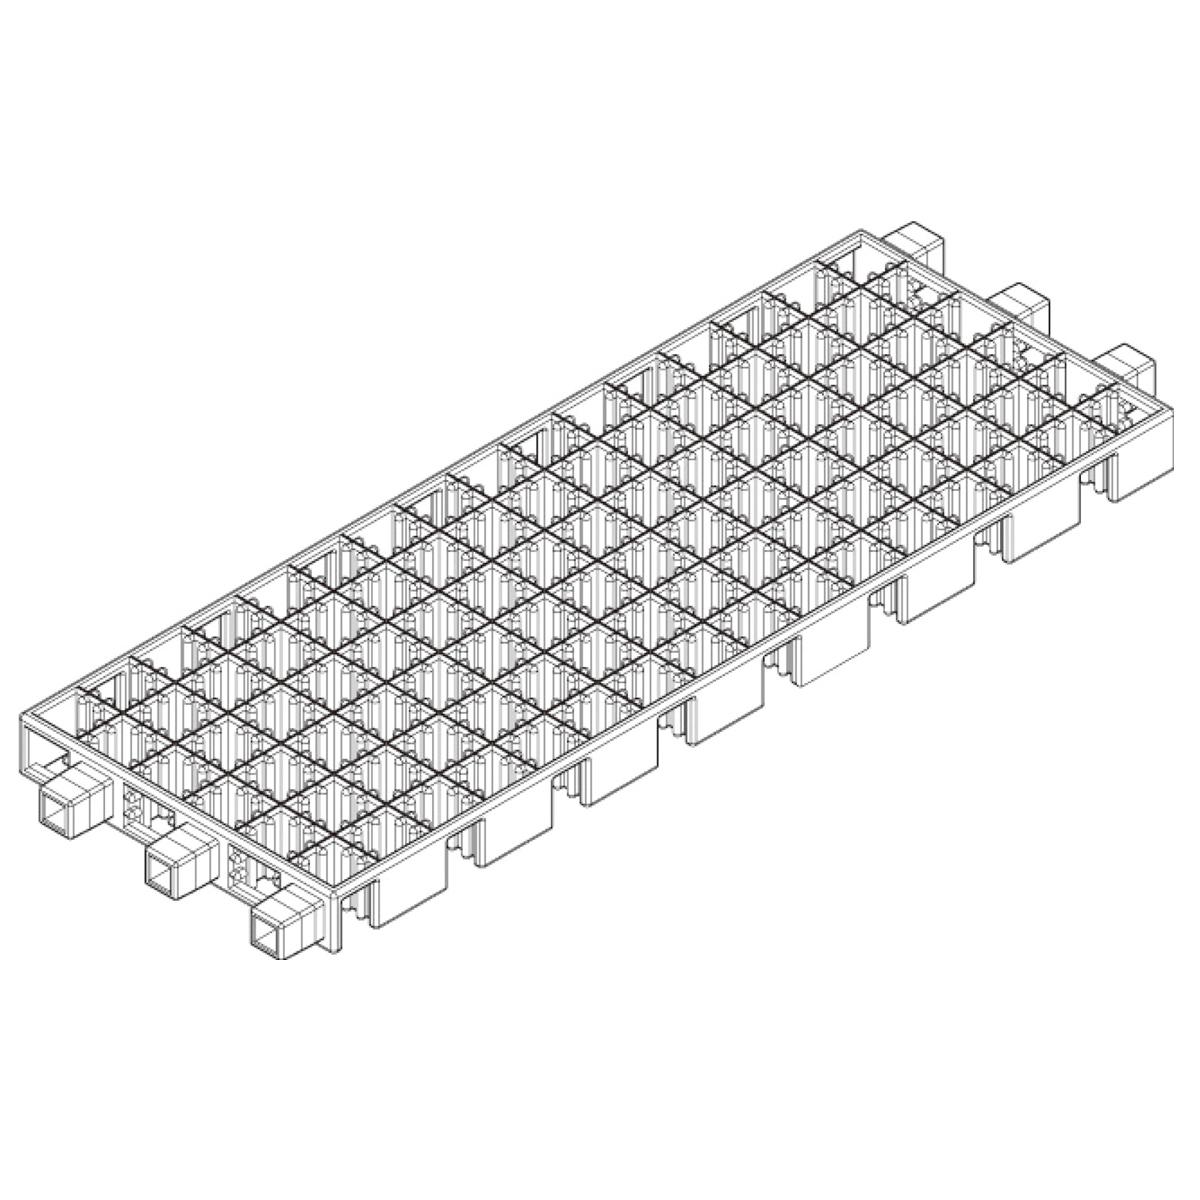 アーテックブロック部品 マルチベースA 日本製 知育玩具 ブロック 組み立て キッズ 幼児 レゴ・レゴブロックのように遊べます